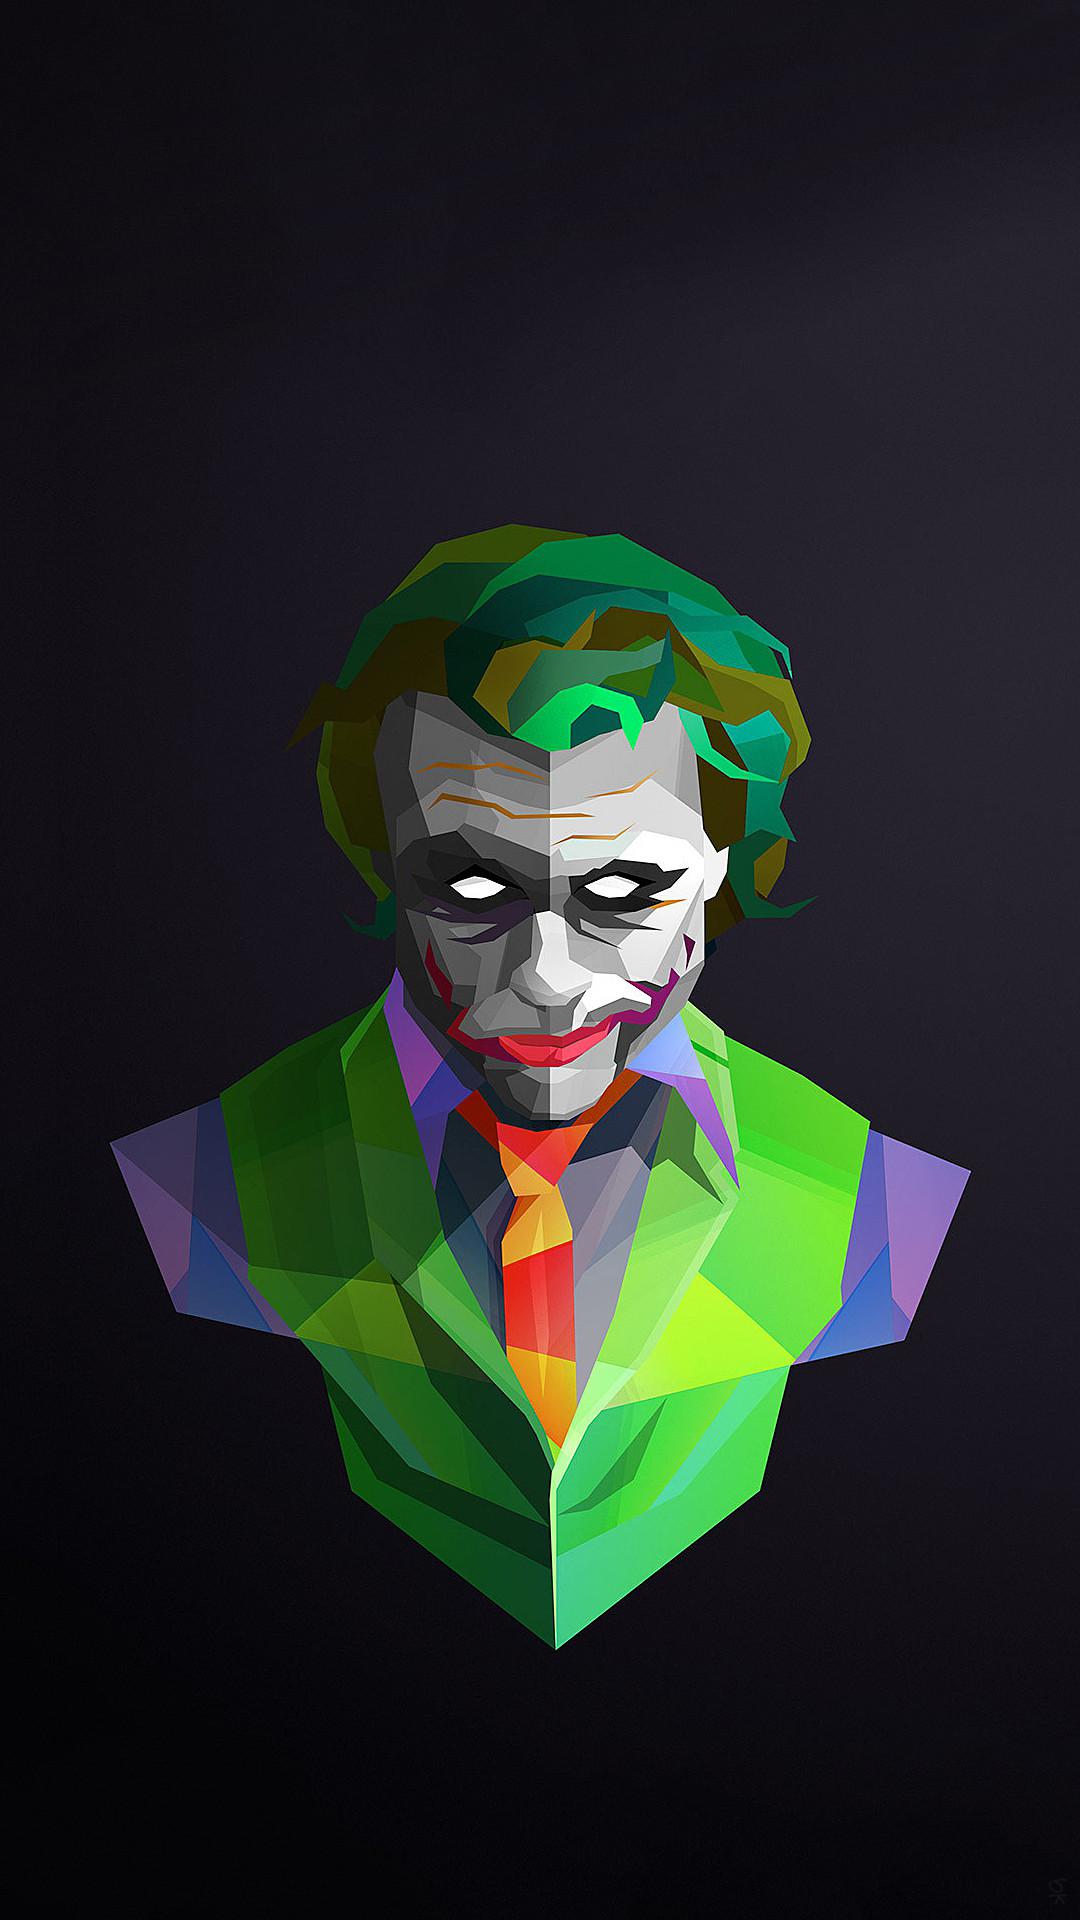 Best 25+ Heath ledger joker wallpaper ideas only on Pinterest | Batman joker  wallpaper, Joker background and Joker iphone wallpaper